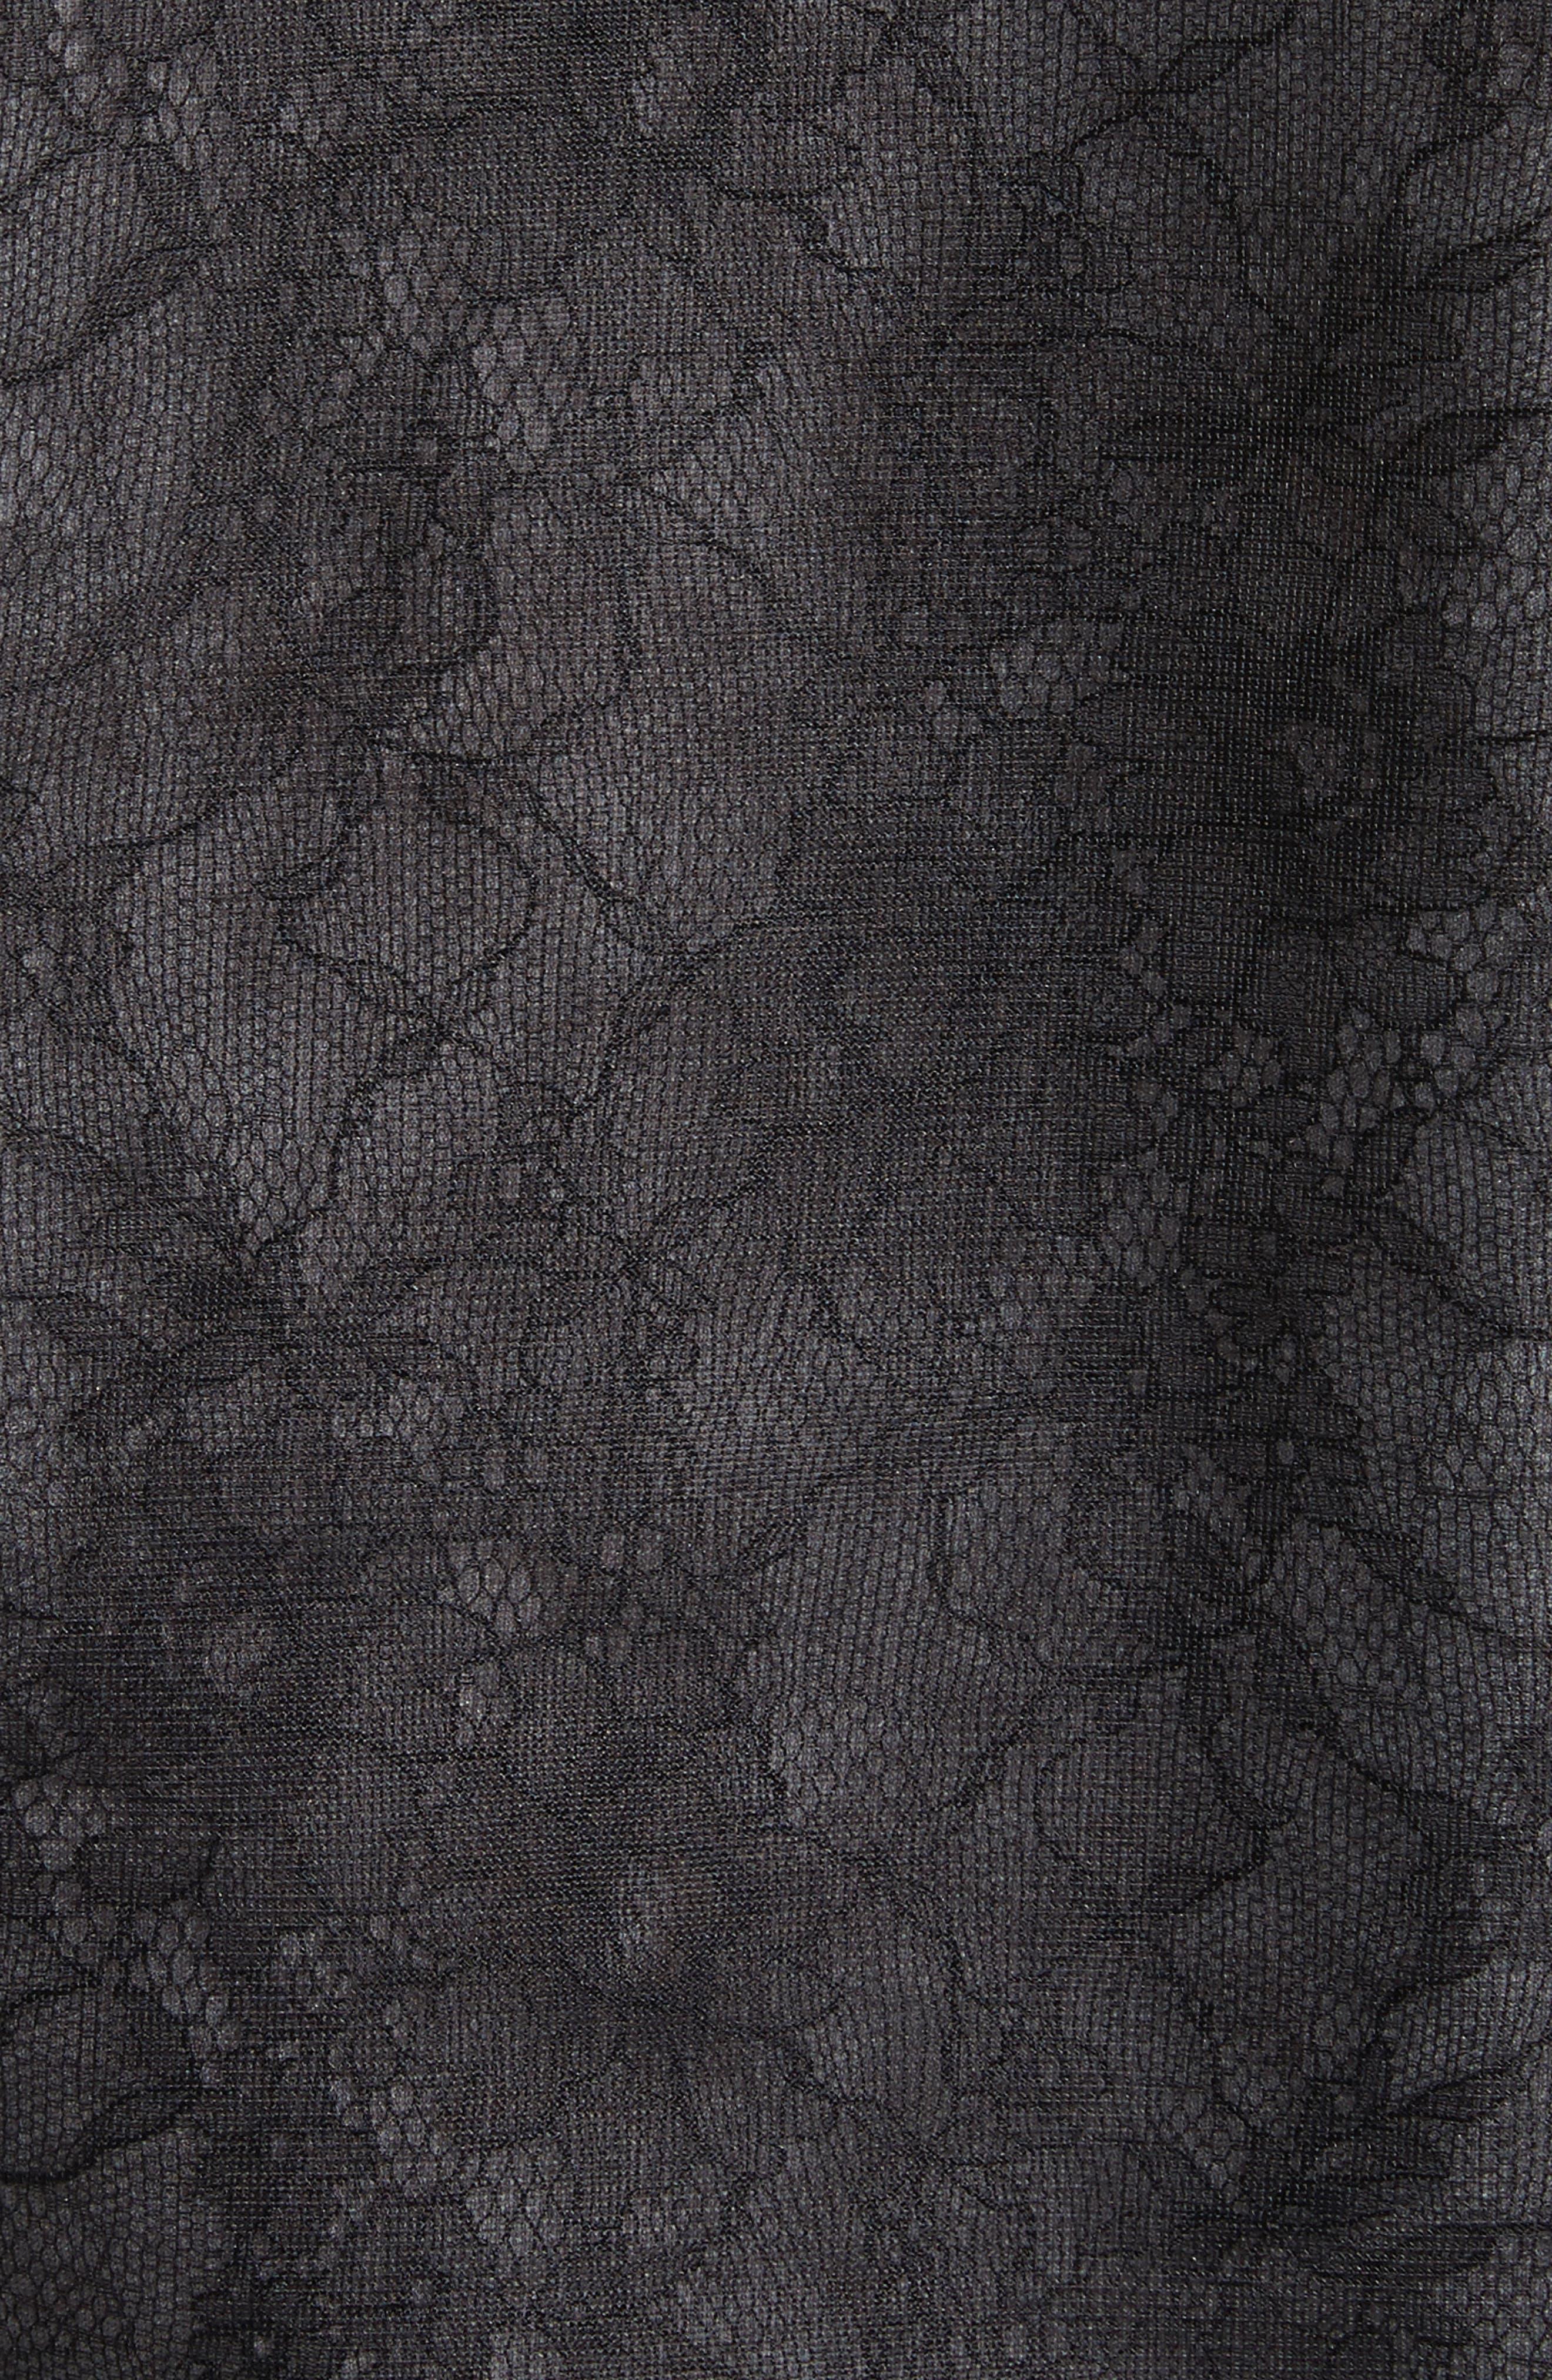 Lace Top,                             Alternate thumbnail 5, color,                             Black